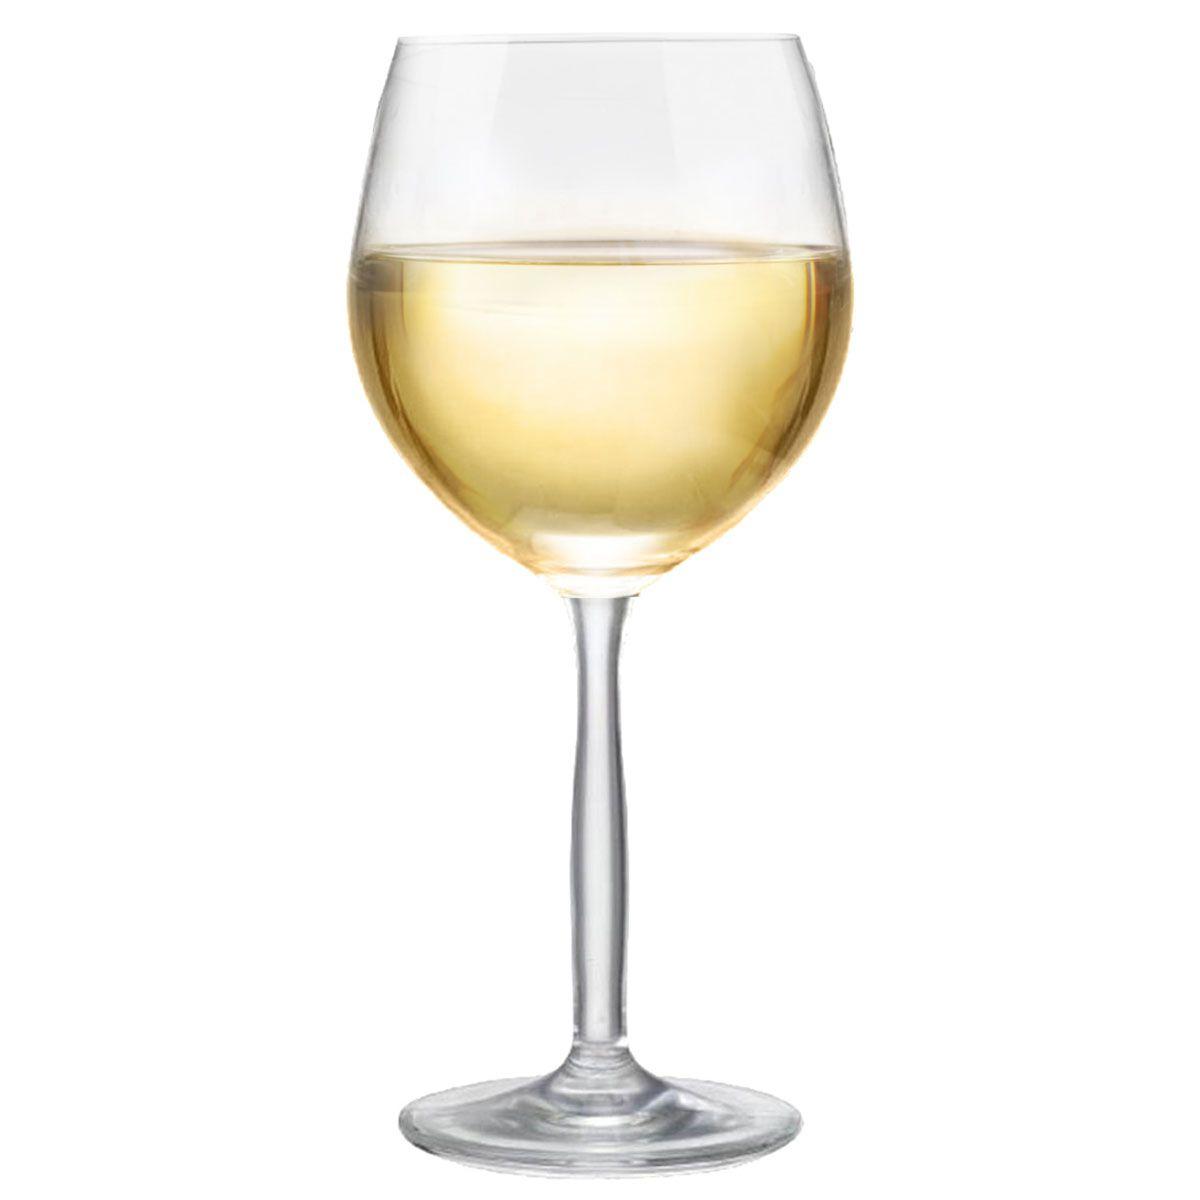 Taça de Vinho Branco Bordeaux de Cristal 380ml